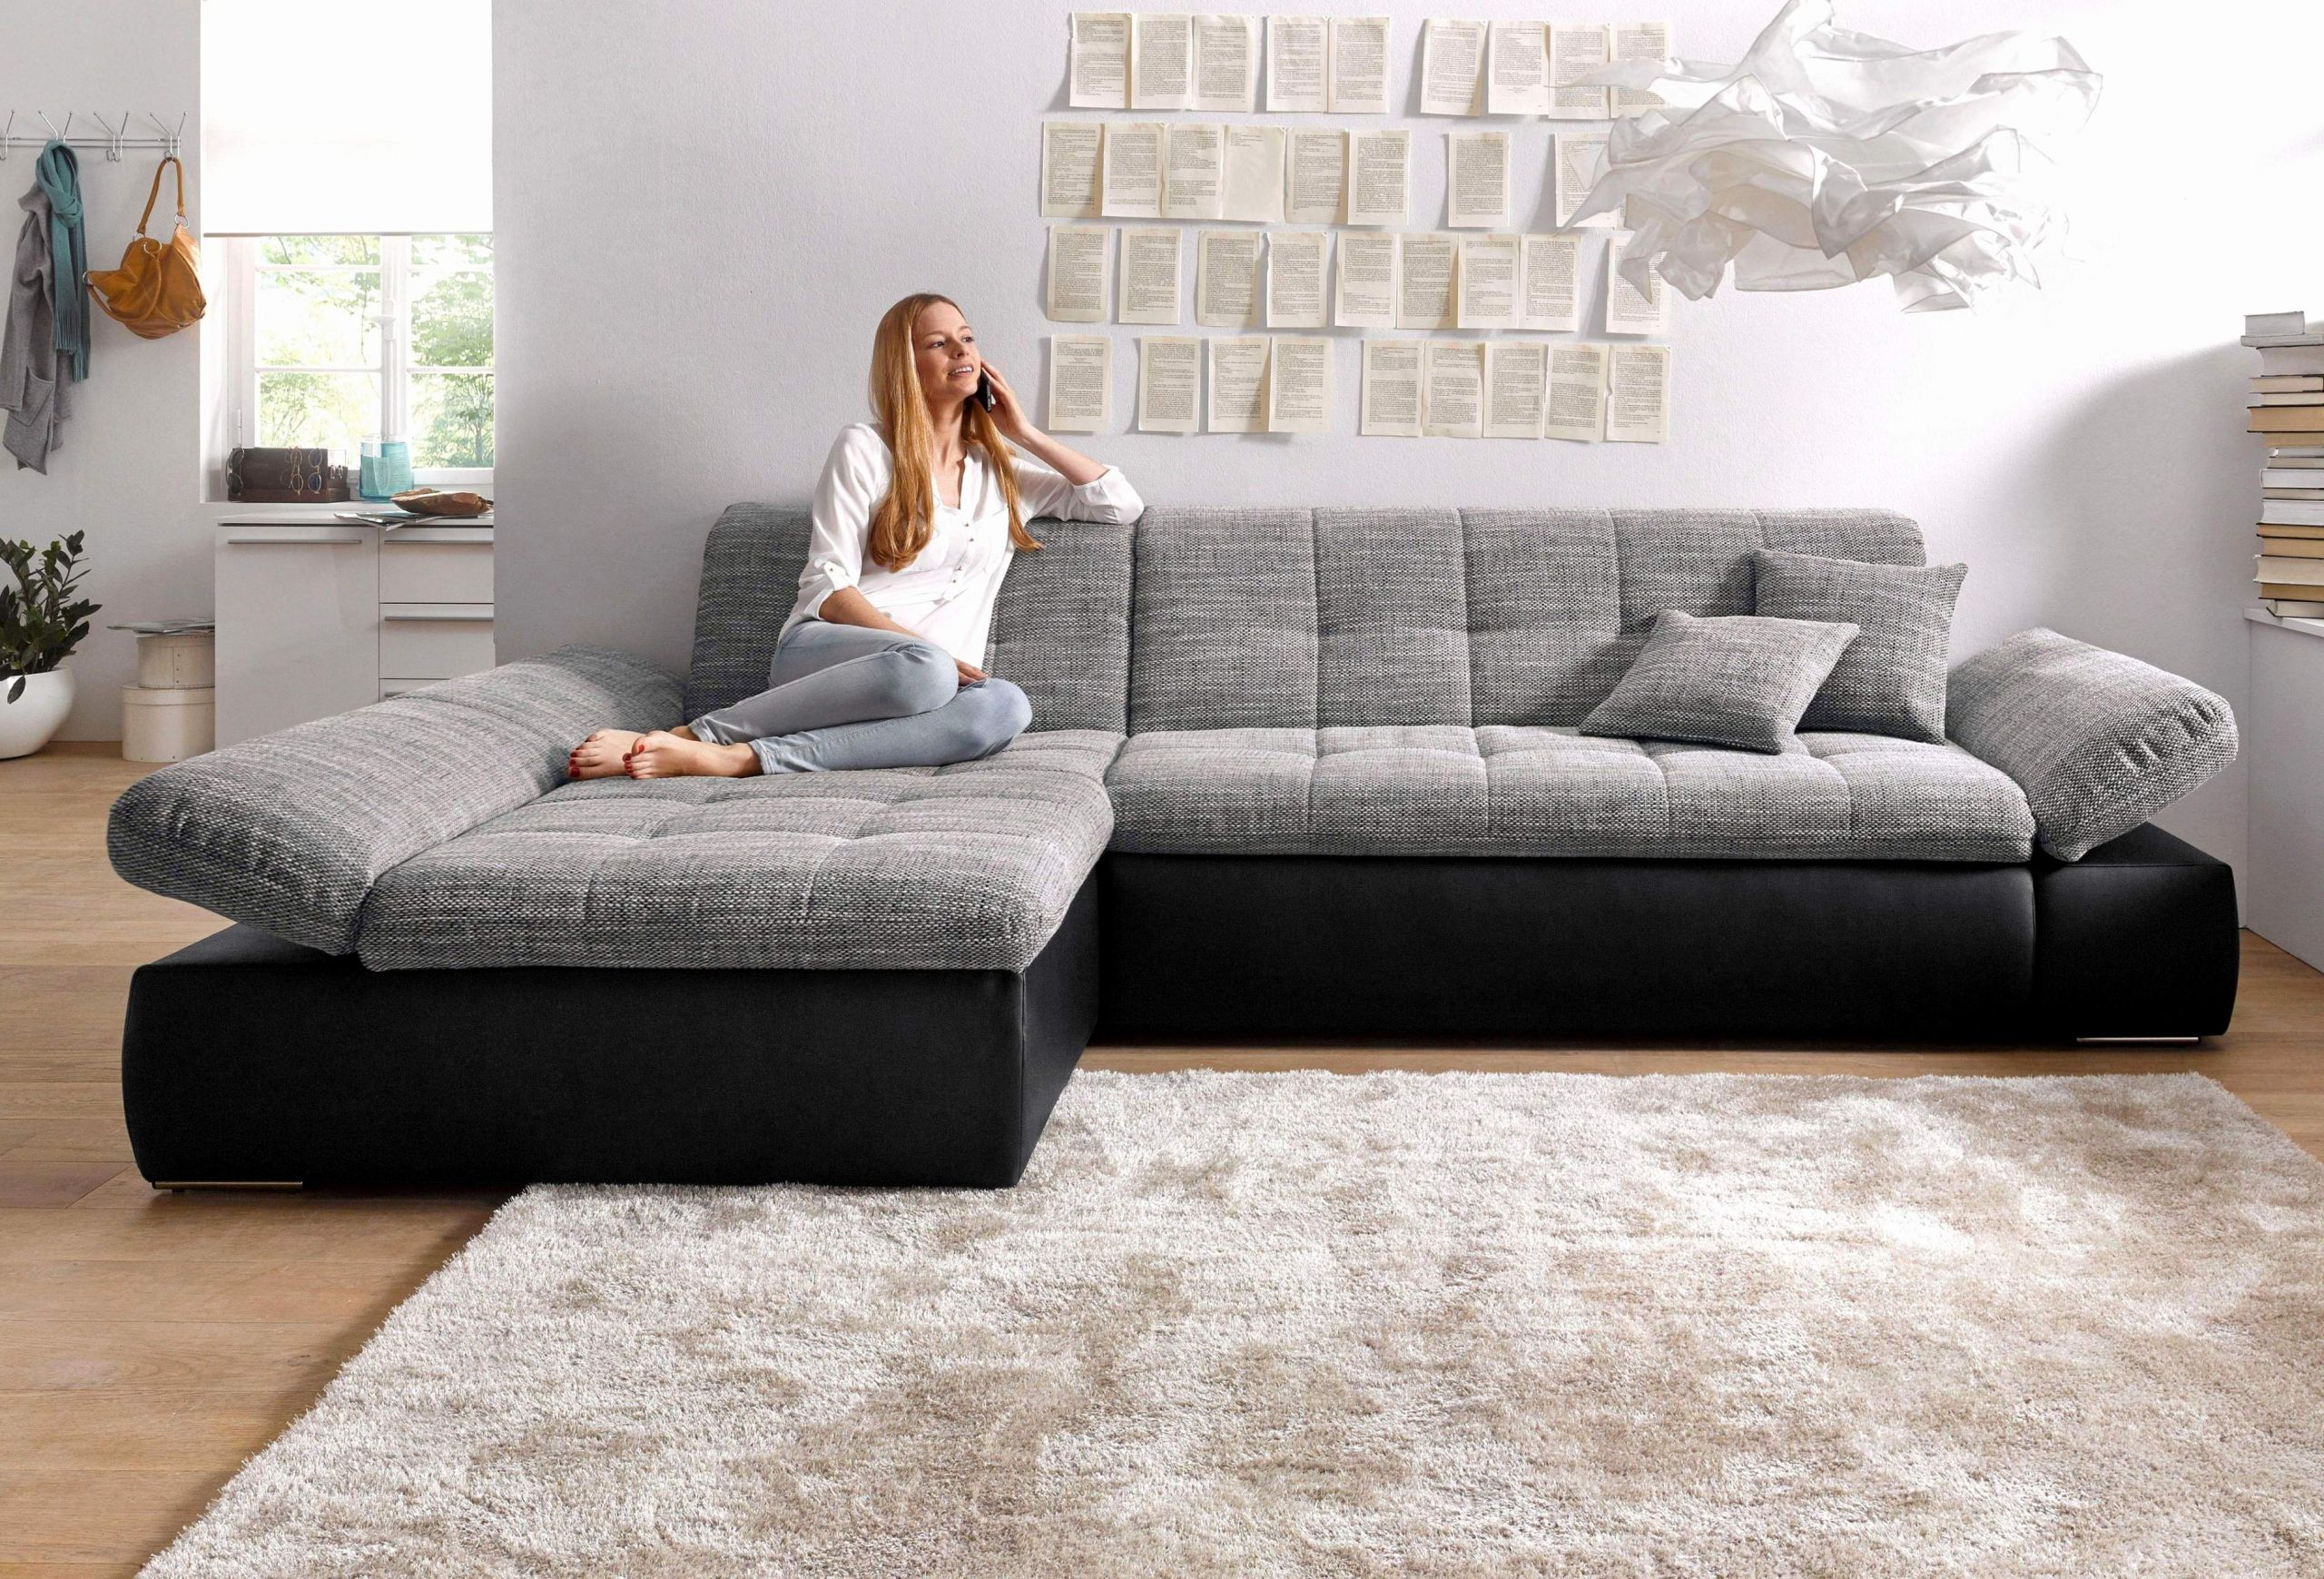 Full Size of Ikea Hack Sitzbank Esszimmer Wohnzimmer Elegant Design Tipps Von Sofa Für Küche Garten Schlafzimmer Mit Lehne Modulküche Kaufen Betten Bei Miniküche Bett Wohnzimmer Ikea Hack Sitzbank Esszimmer